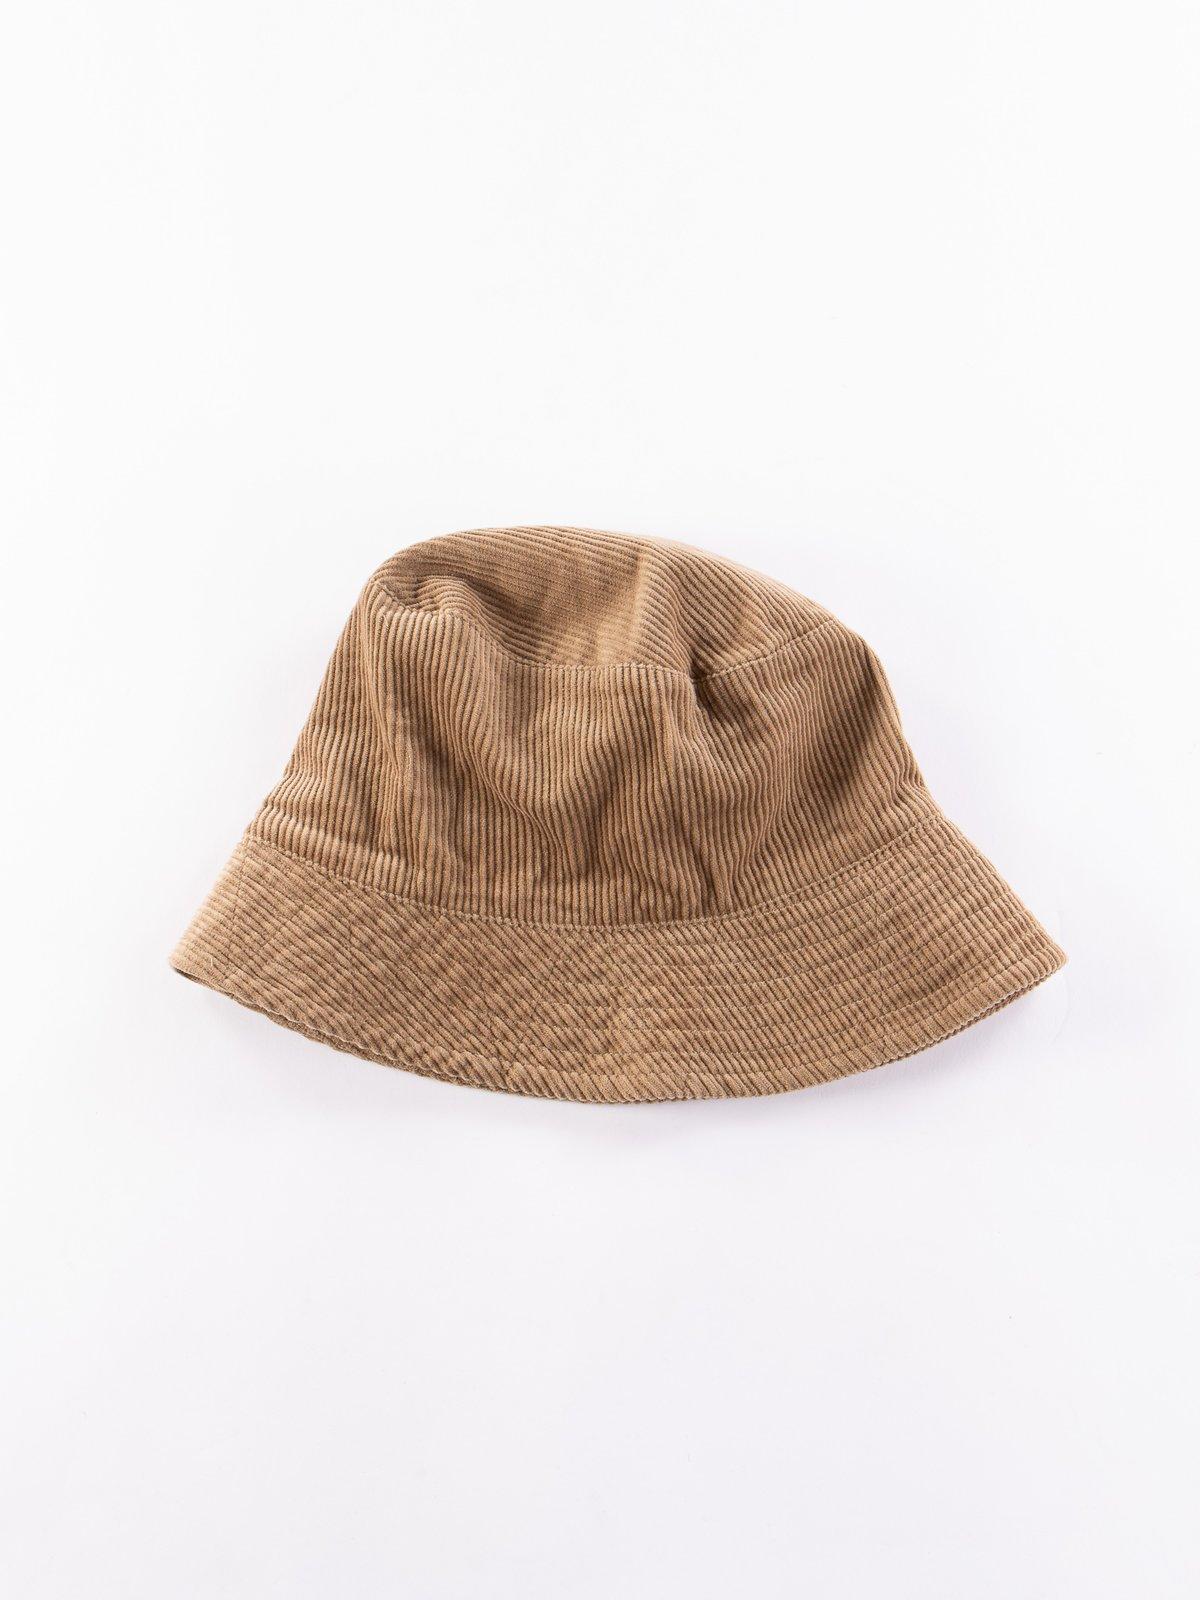 Khaki 8W Corduroy Bucket Hat - Image 1